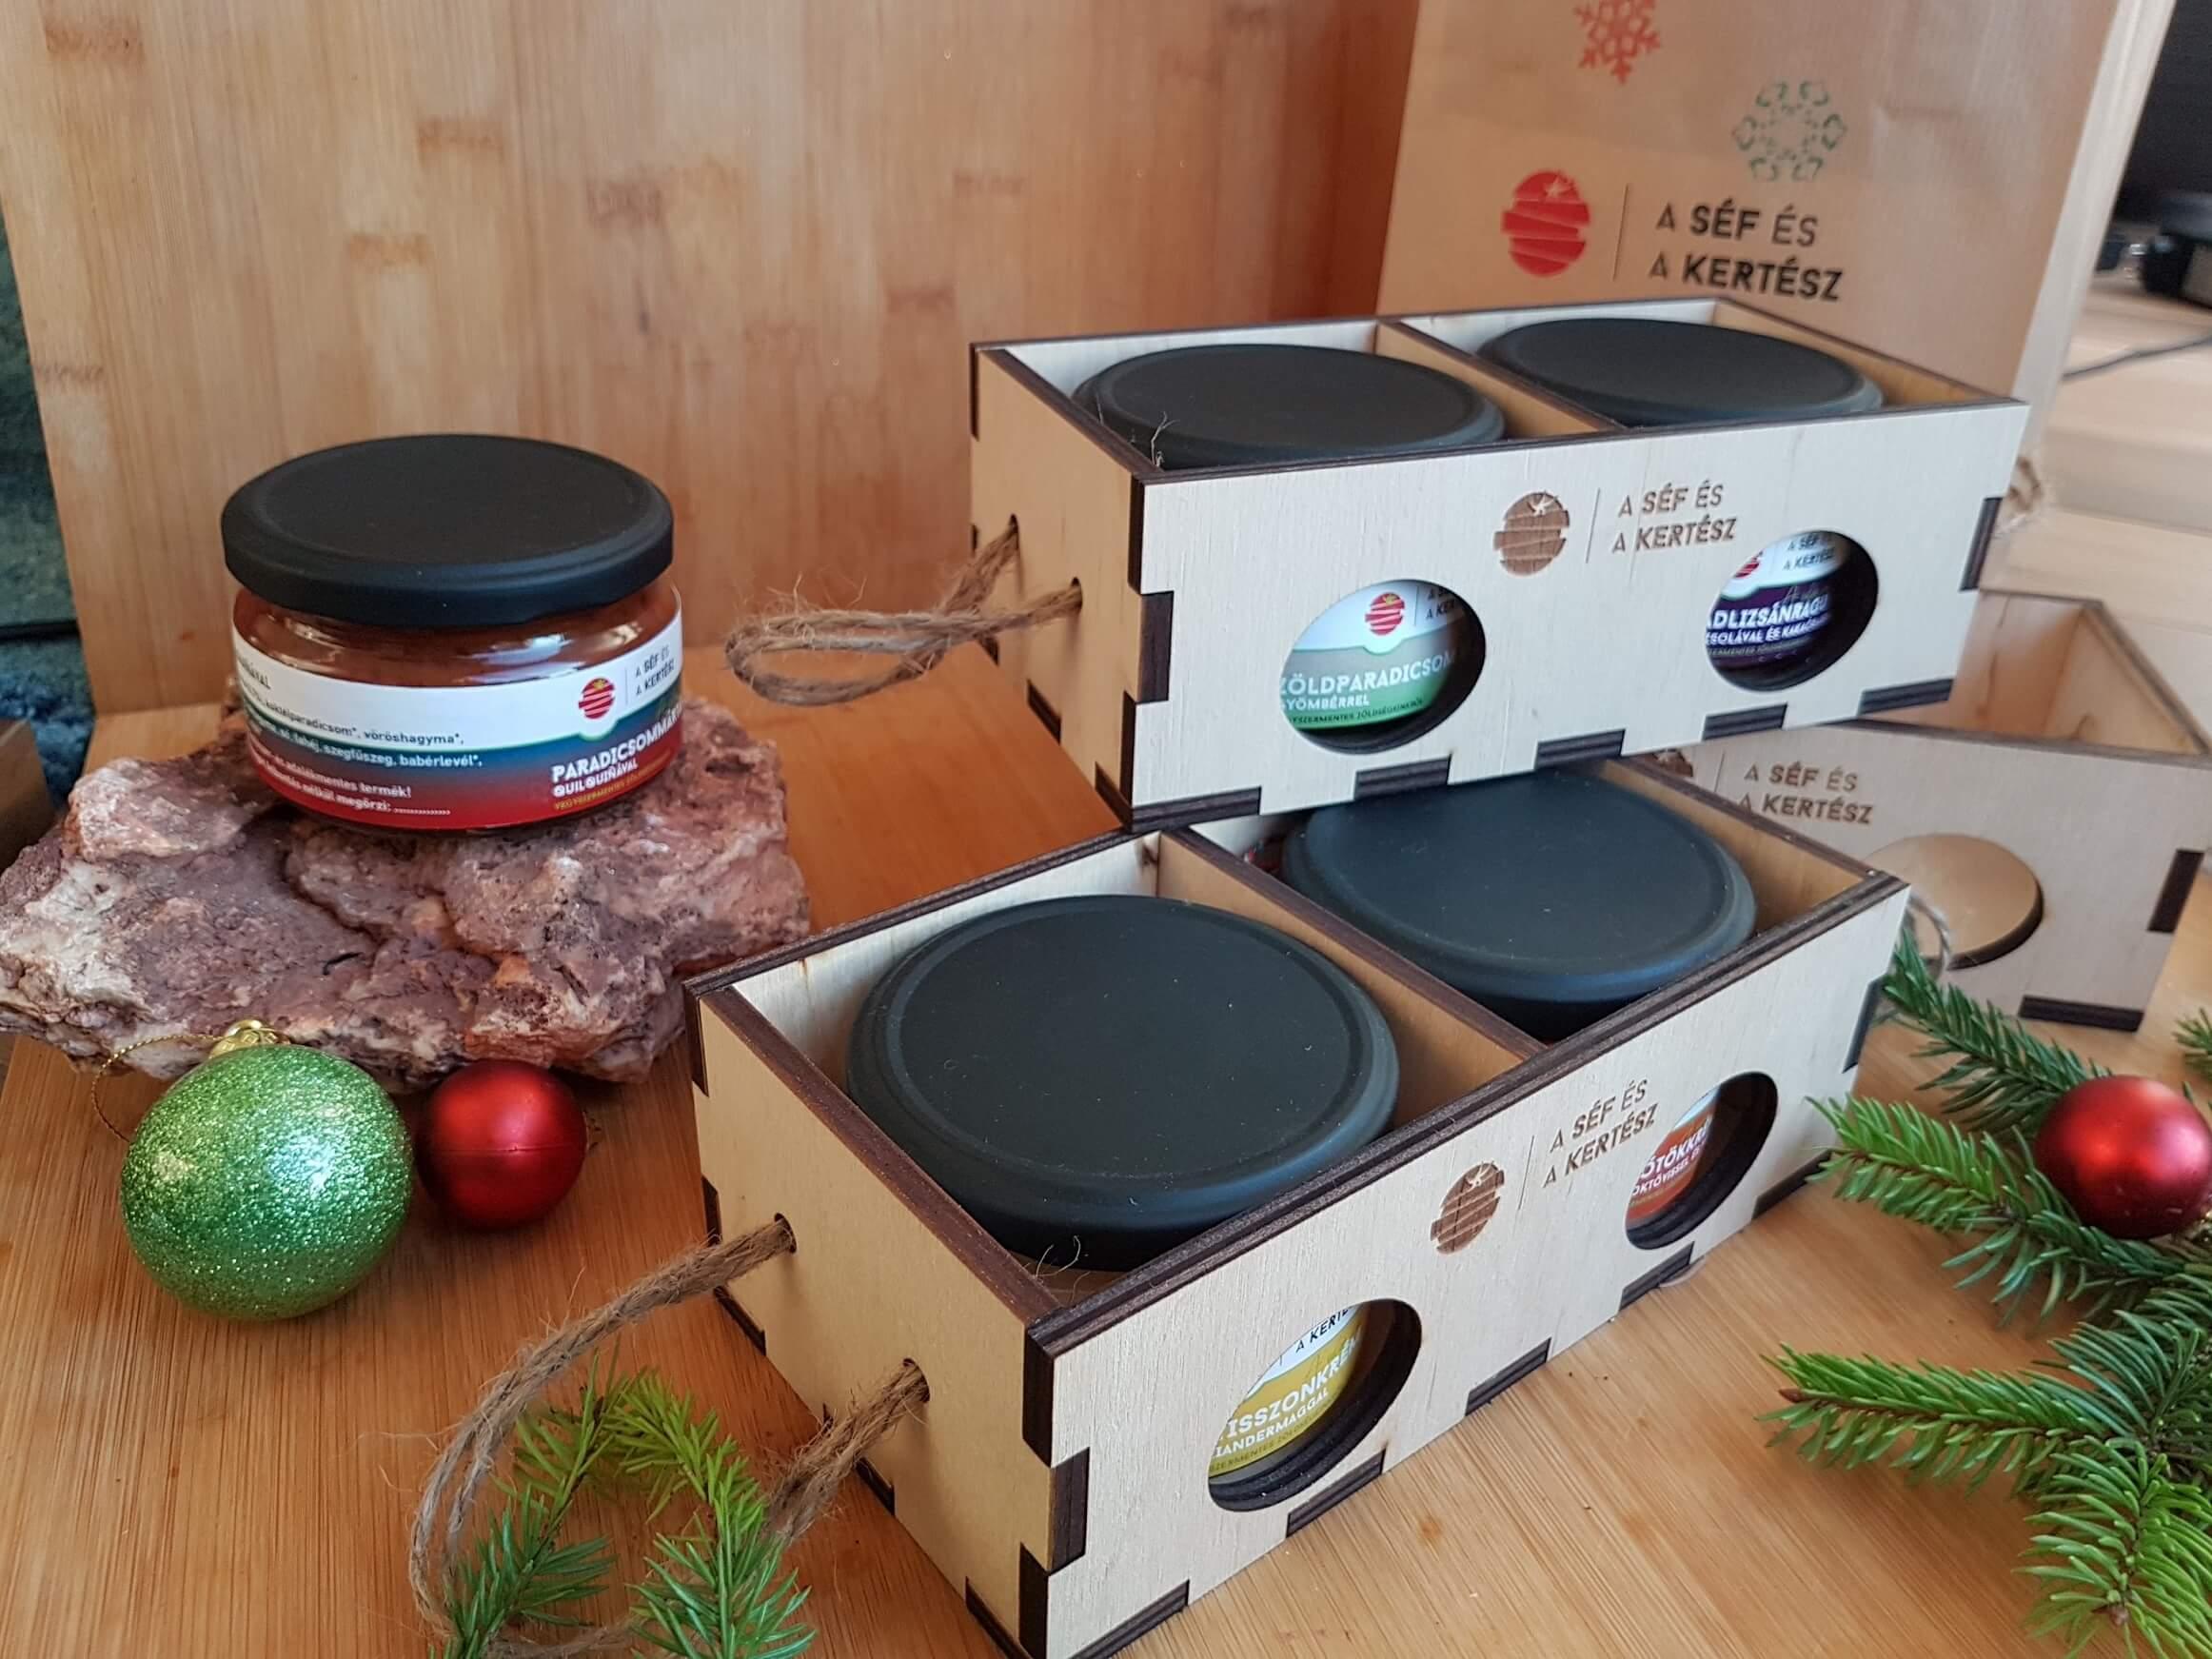 karacsonyi csomag – kézműves termék – a séf és a kertész